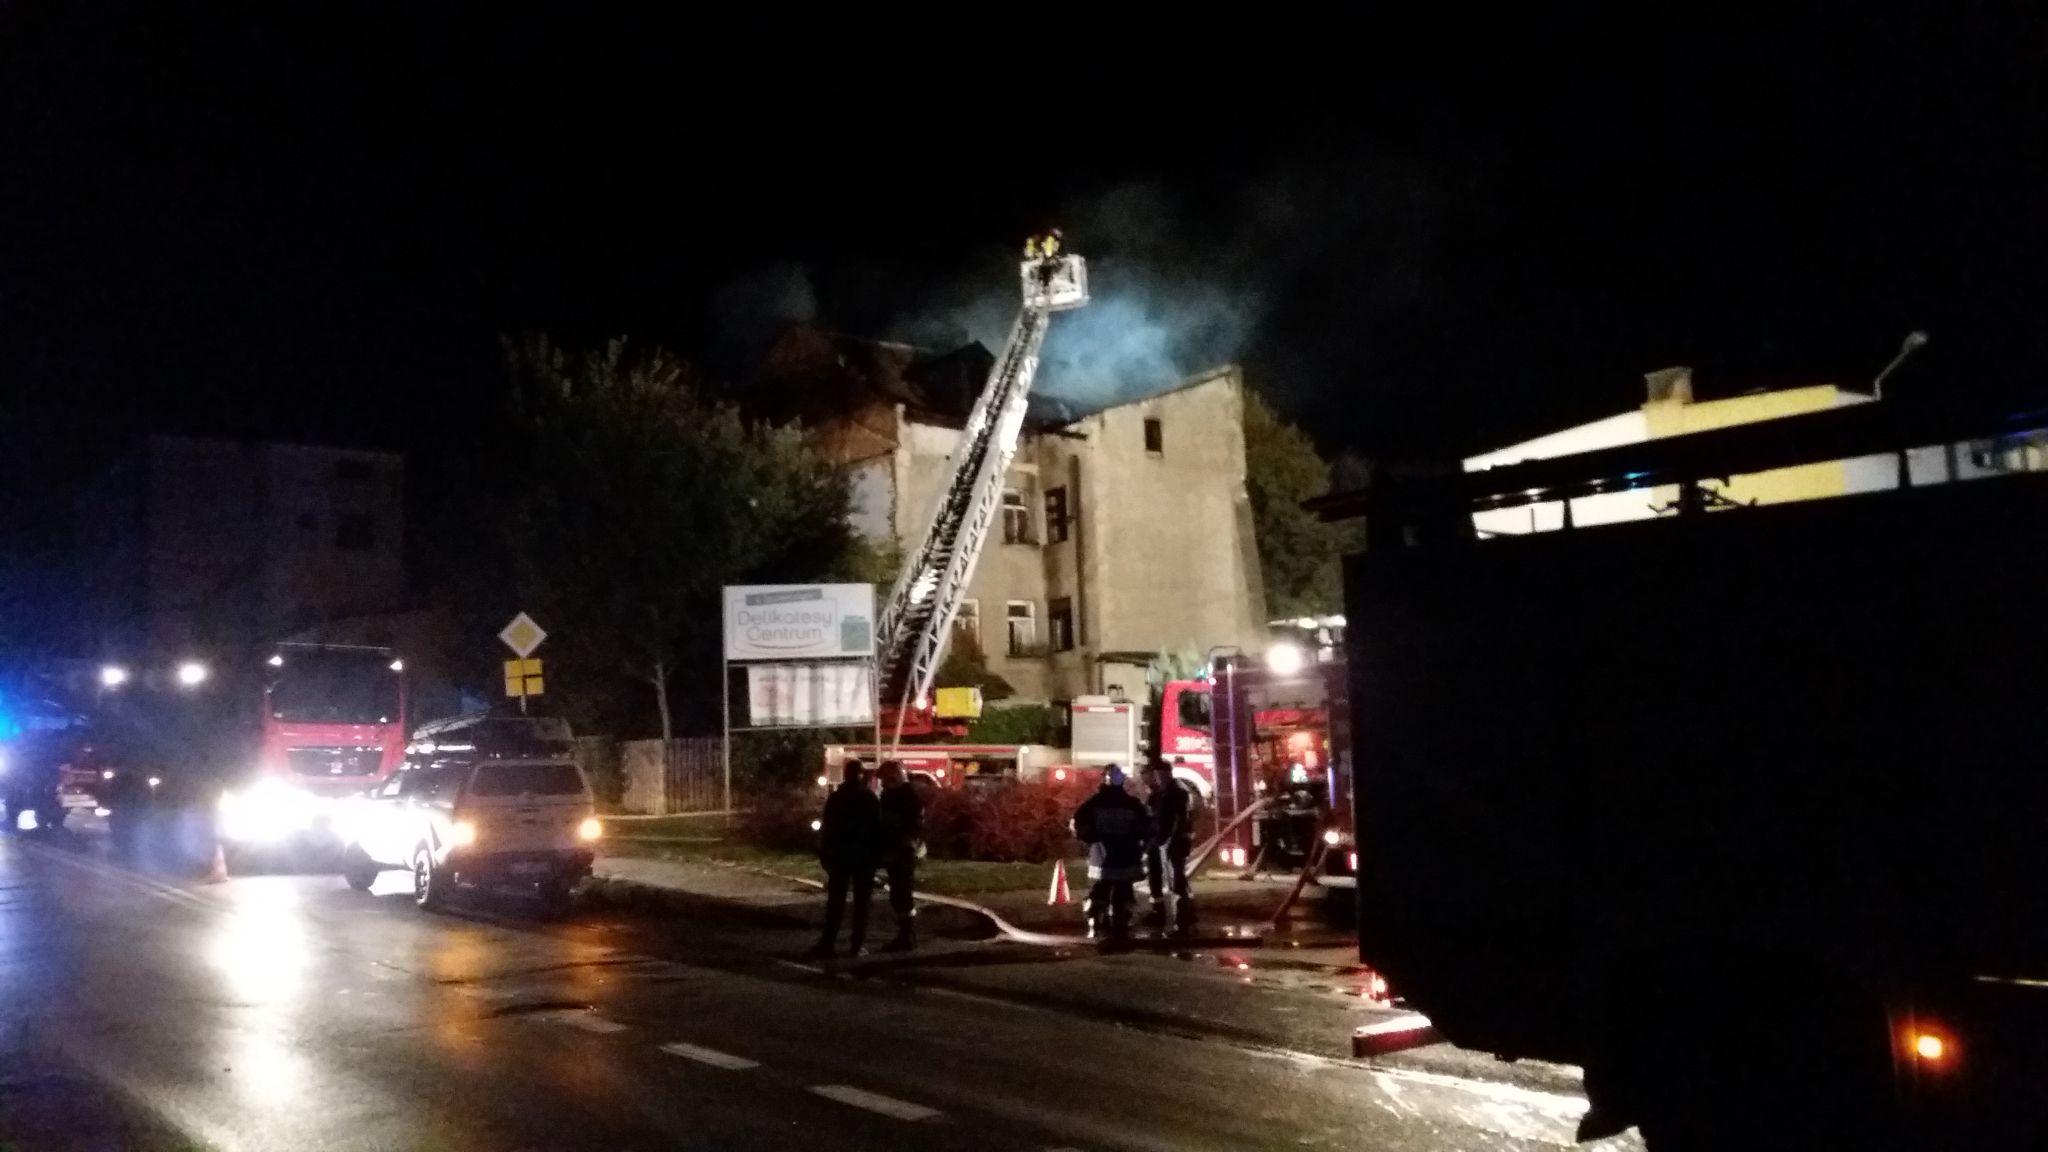 20191002 001705 Pożar budynku (zdjęcia)